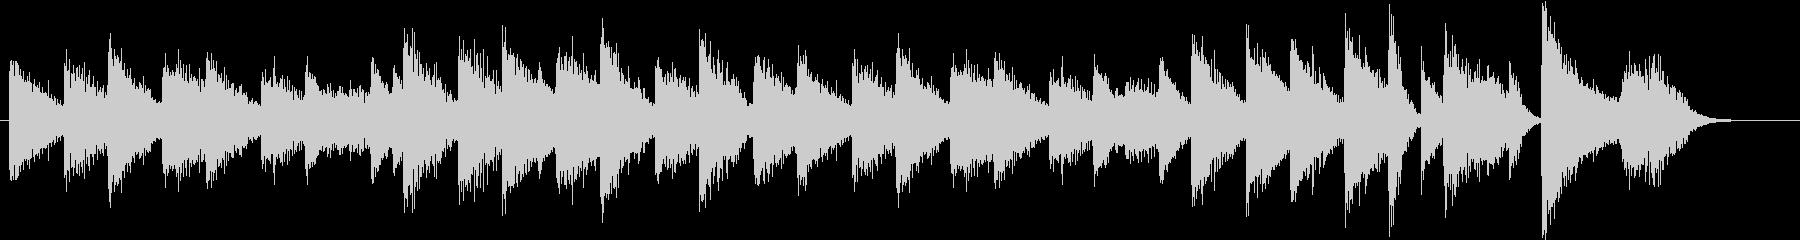 「花のワルツ」クラシックピアノジングルEの未再生の波形